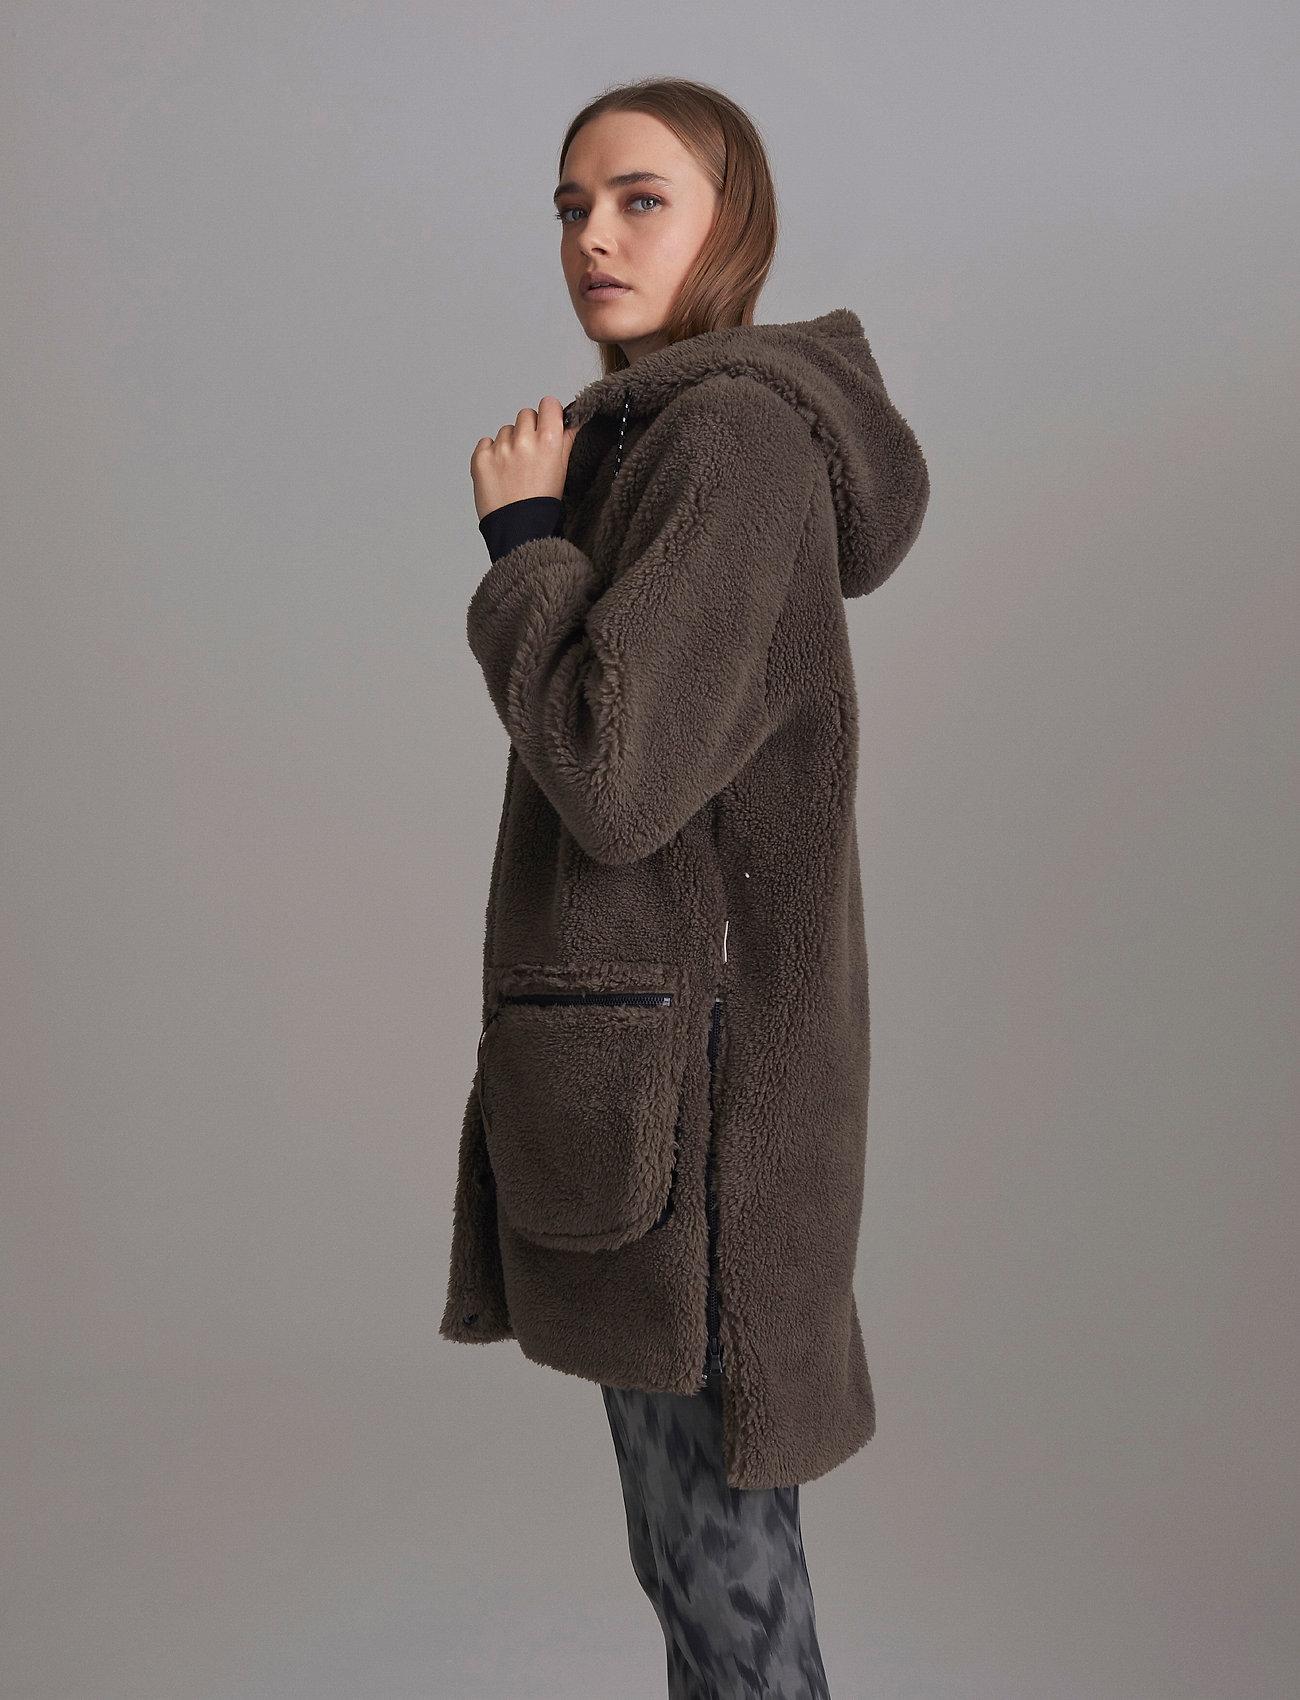 Varley - Midvale Jacket - kunstpelz - morel - 5